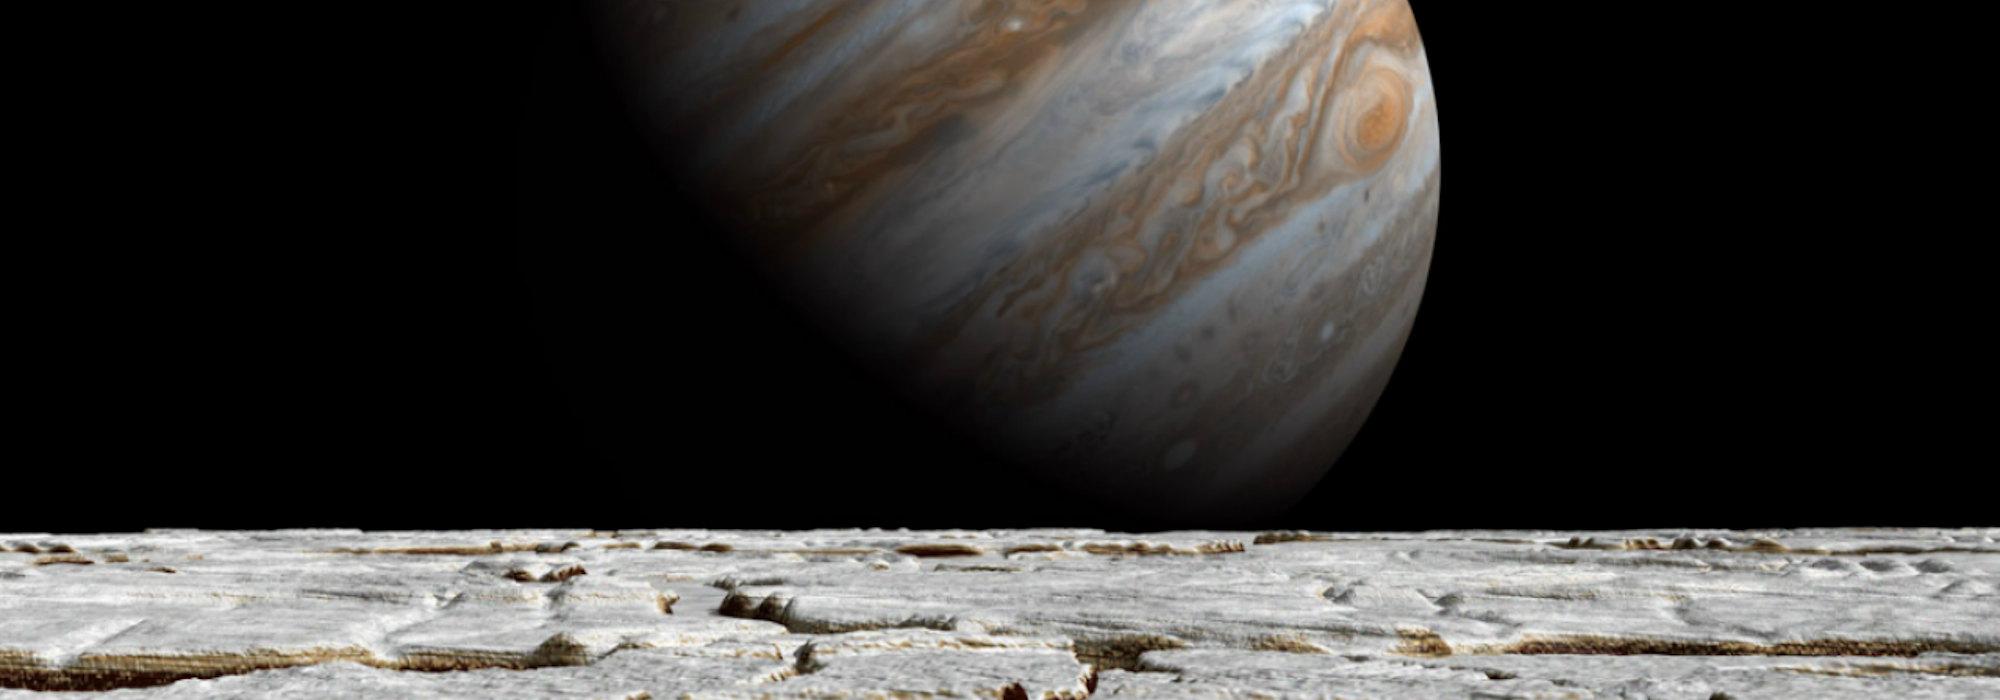 NTV | Jüpiter'in uydusunda su püskürmesi